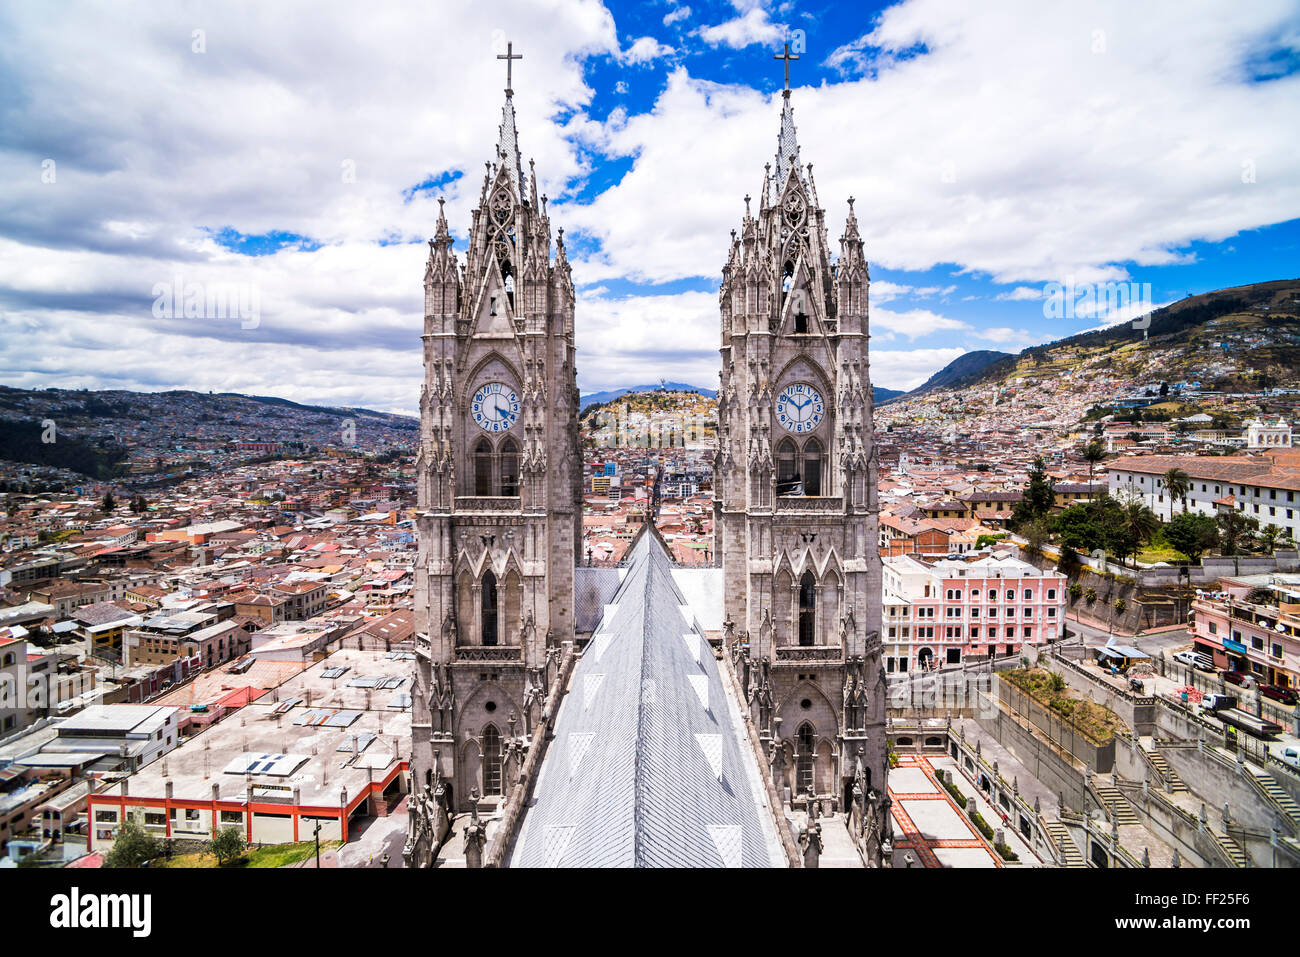 Quito ciudad ORMd visto desde el techo de la Iglesia BasiRMica RMa, la UNESCO Patrimonio WorRMd, Quito, Ecuador, Imagen De Stock